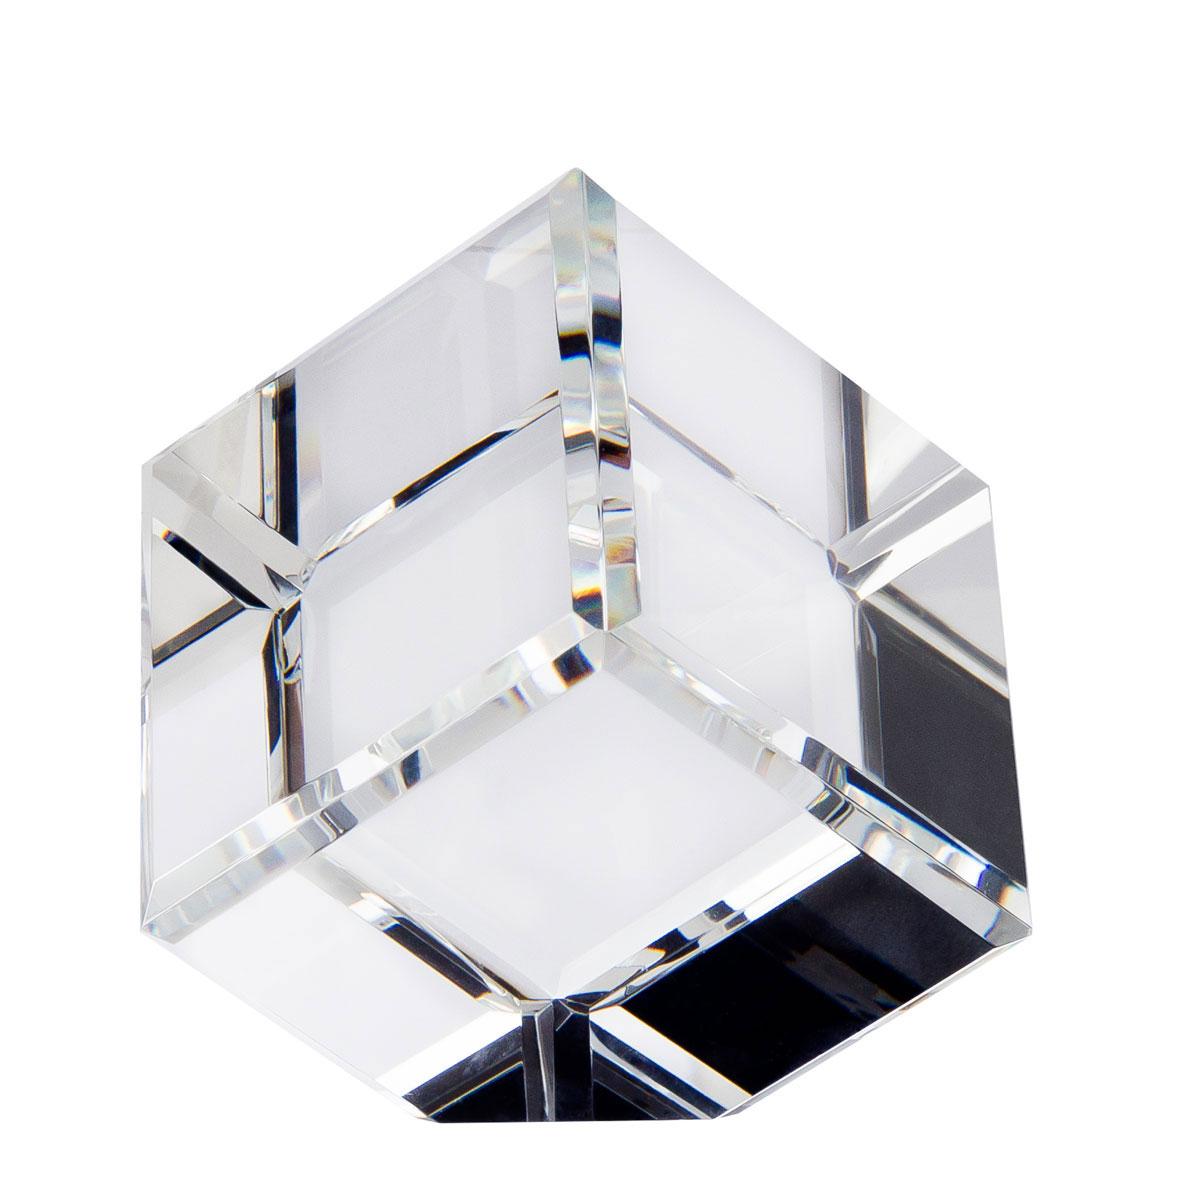 Orrefors Crystal, Iconic Medium Award